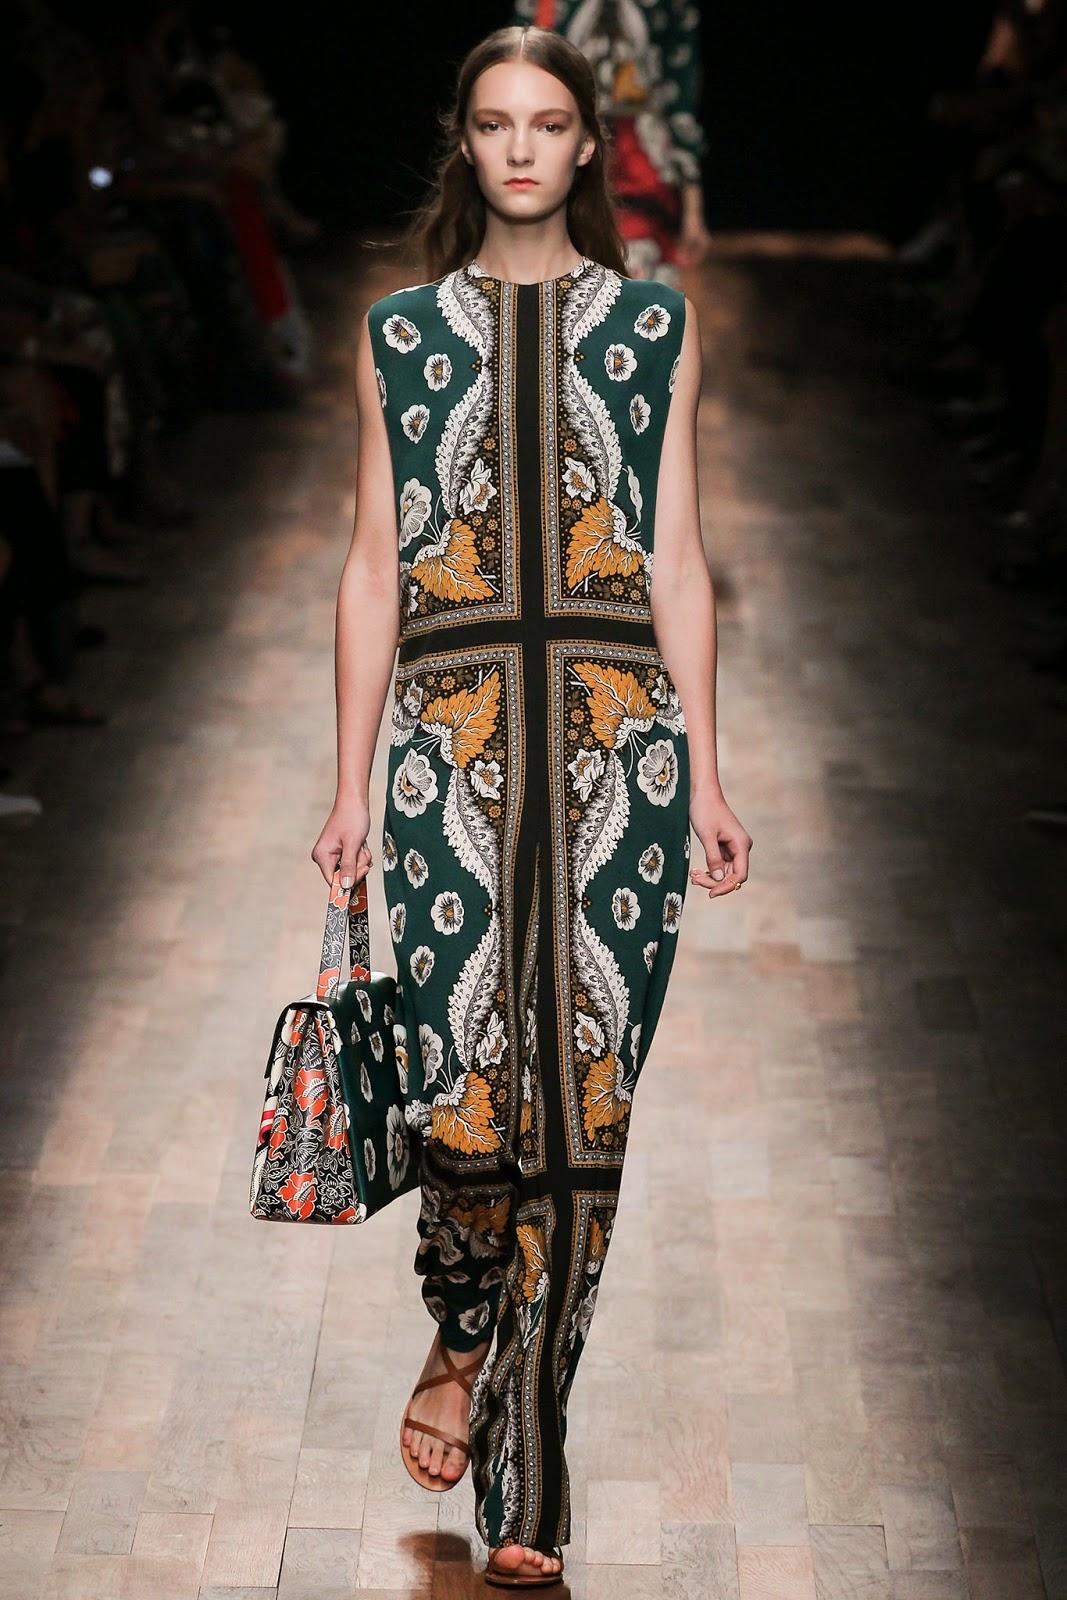 valentino 2015 summer 2016 trend women dress14 Valentino 2015 samling, våren sommaren 2016 Valentino klänning modeller, Valentino kväll klänning nya säsongen kvinnors kjolar modeller